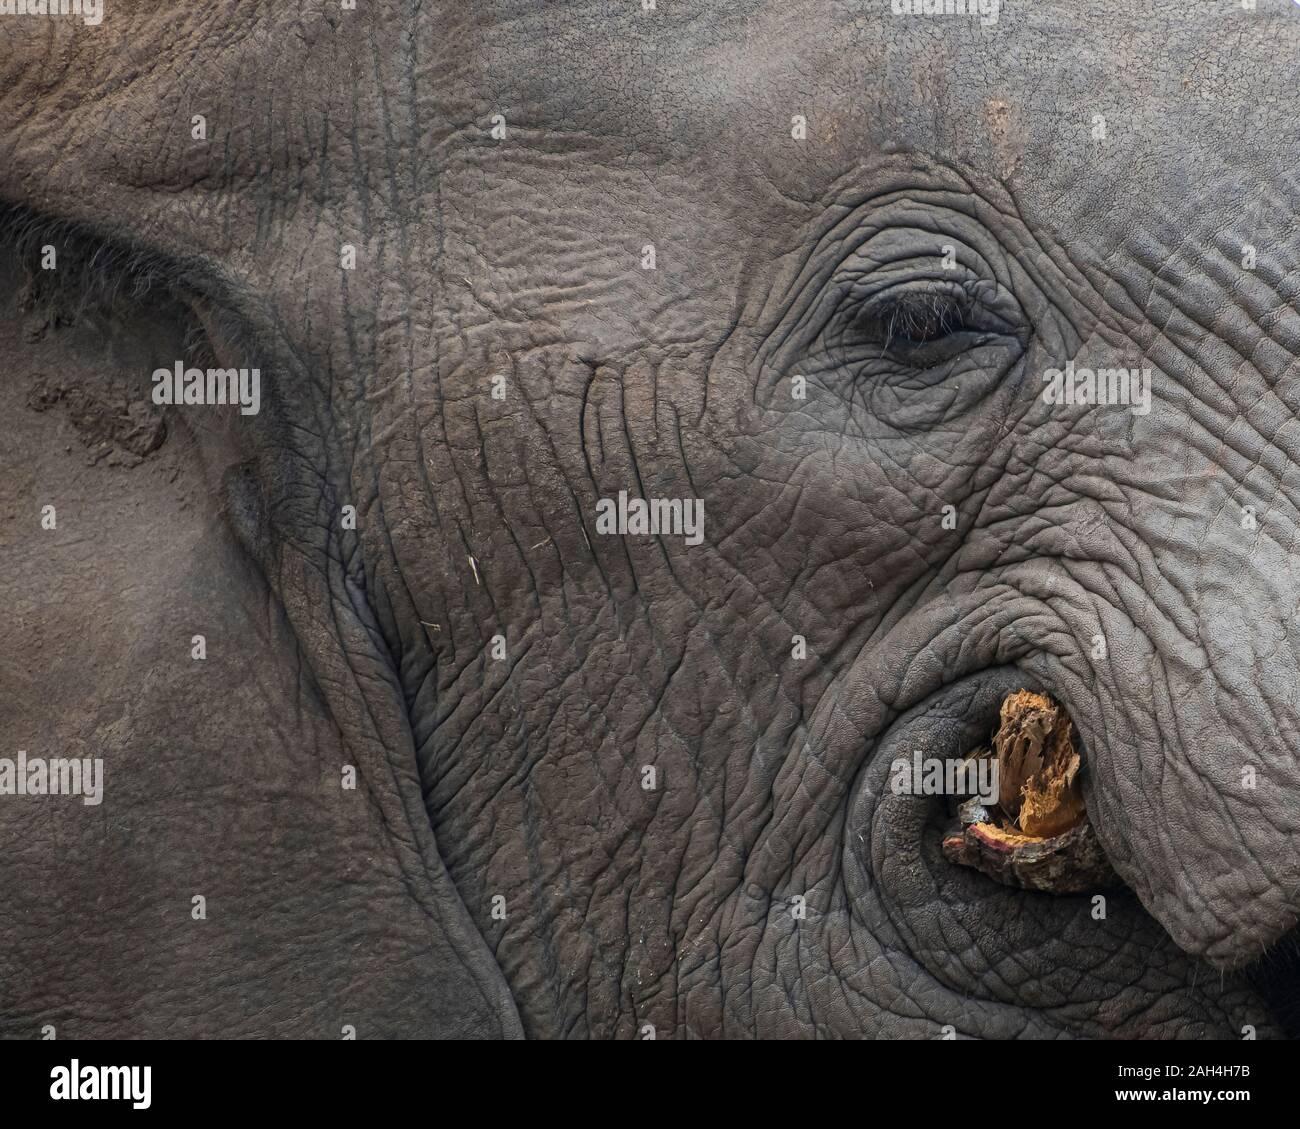 Porträt des Elefanten für Augen und Gesicht während ich einen Baum in Südafrika Stockfoto